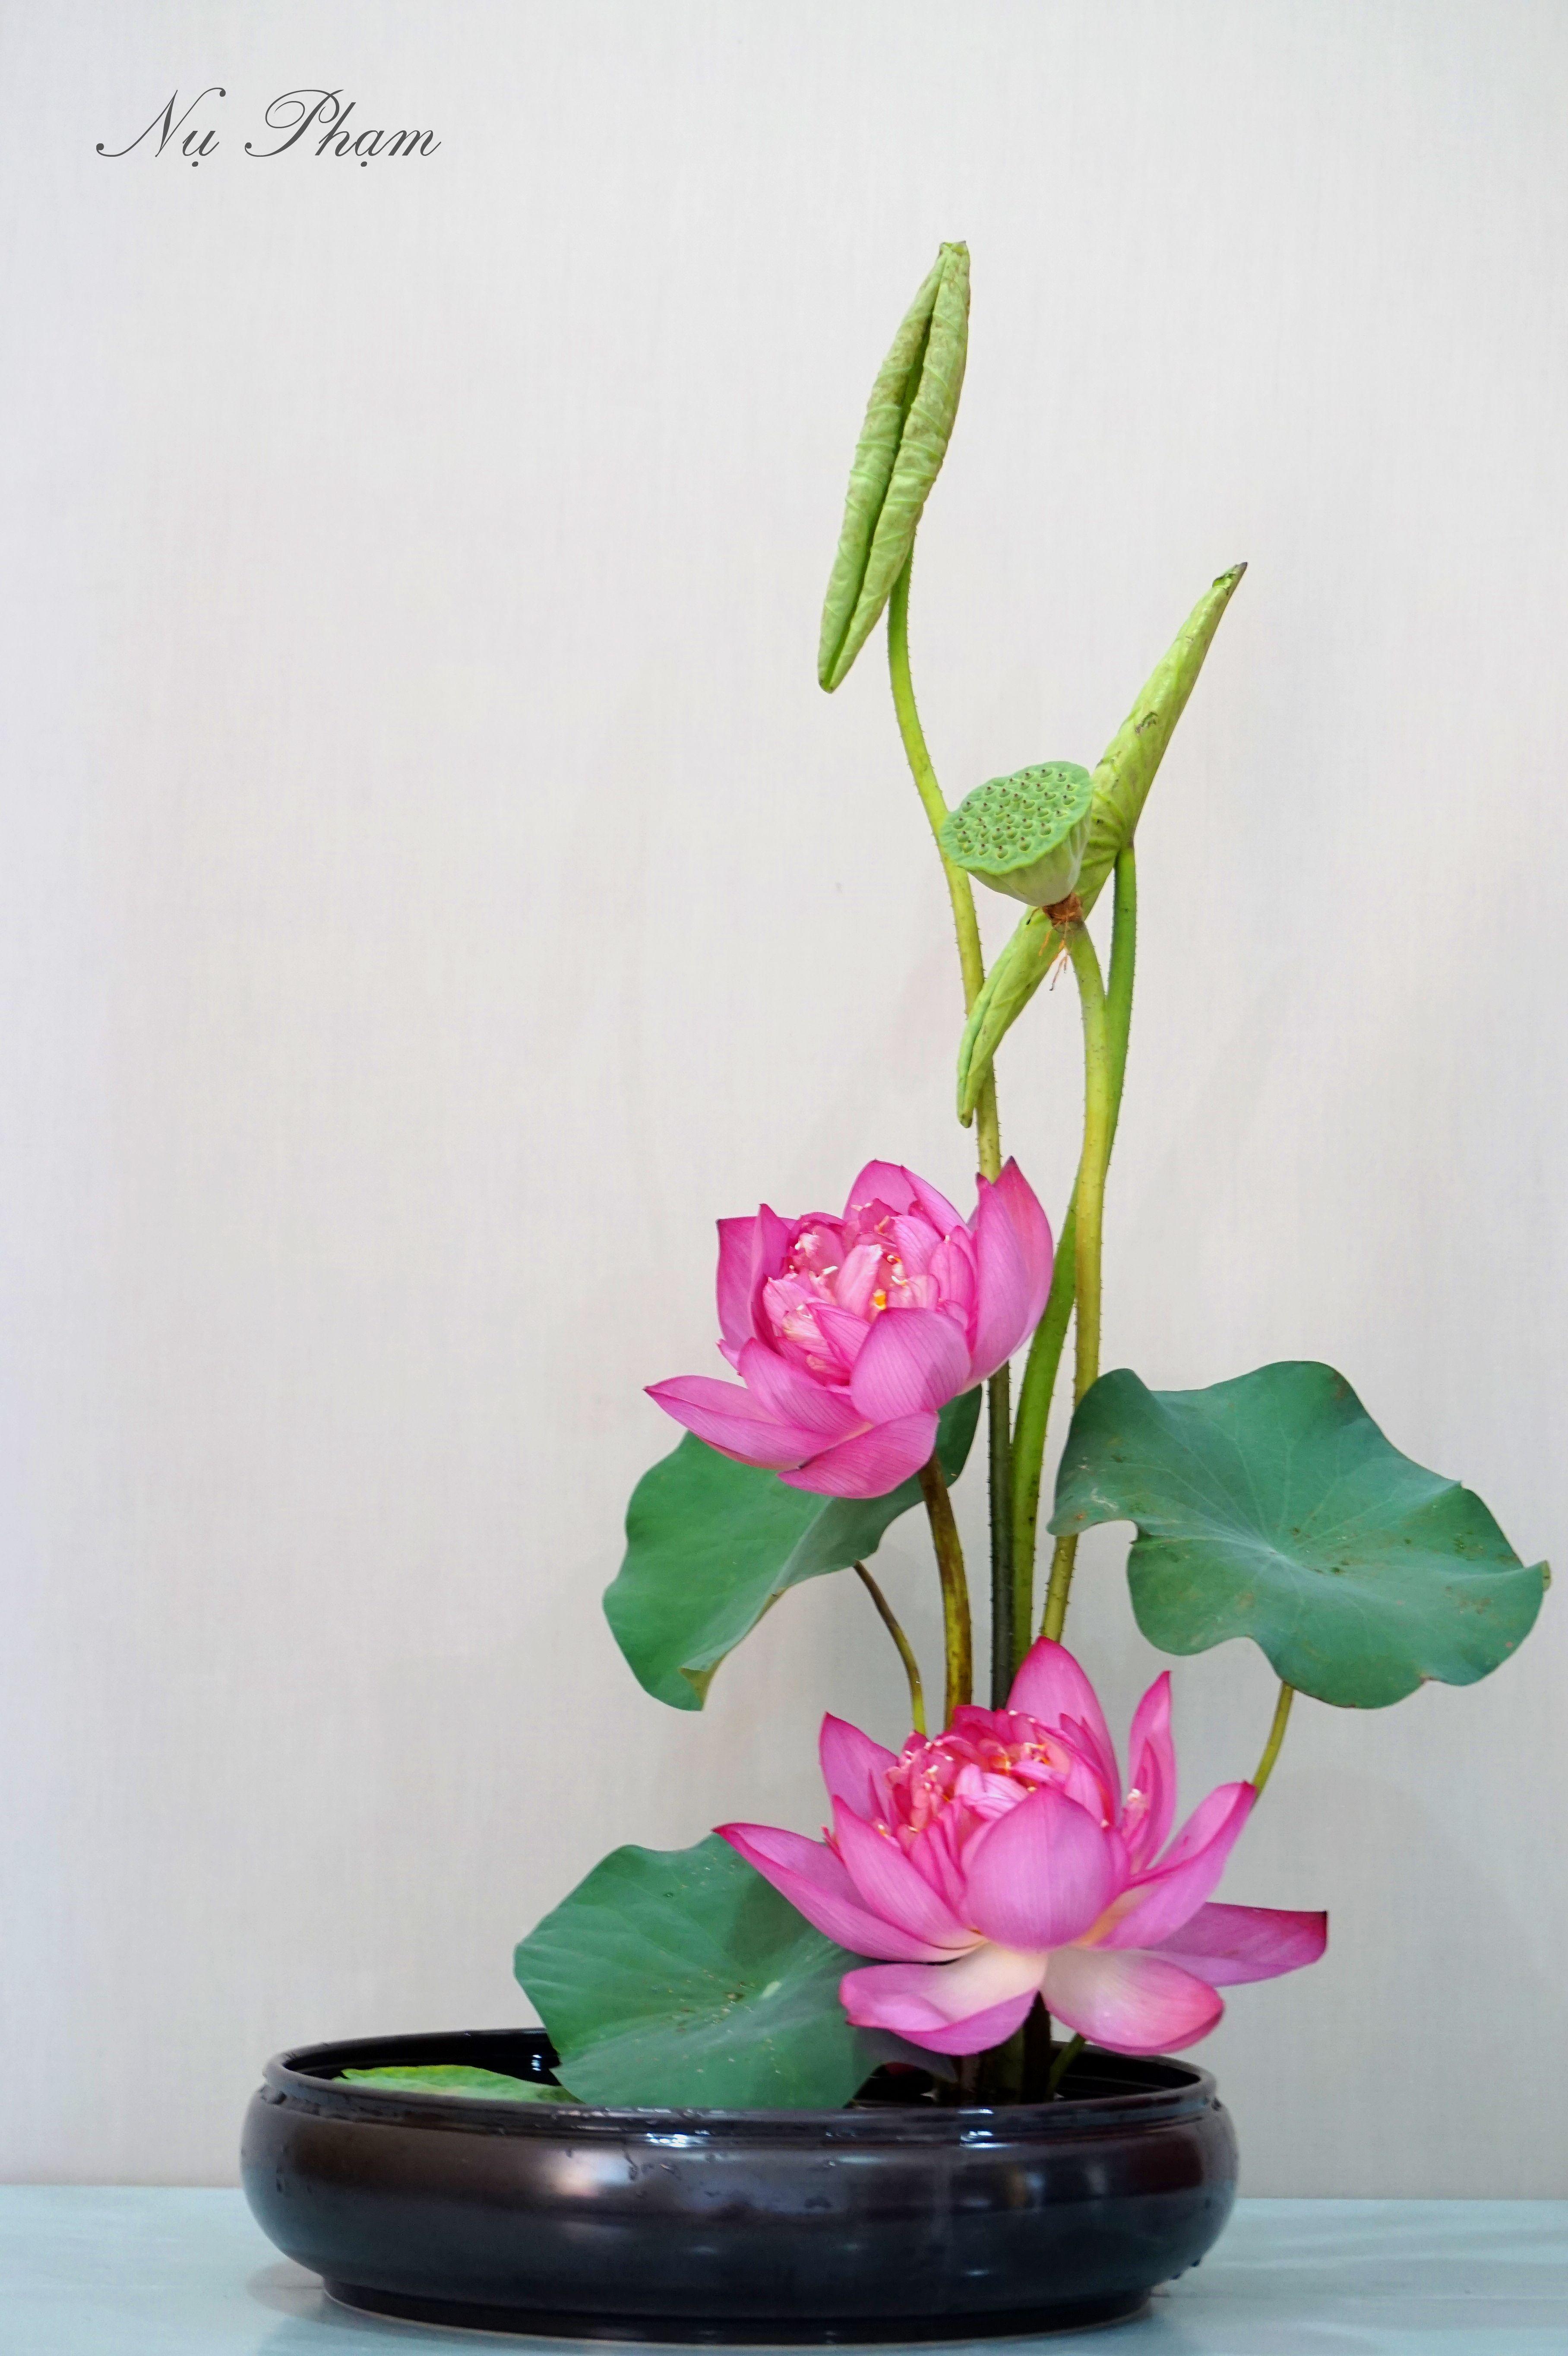 Ikebana Lotus Flower Lotus Pinterest Ikebana Lotus And